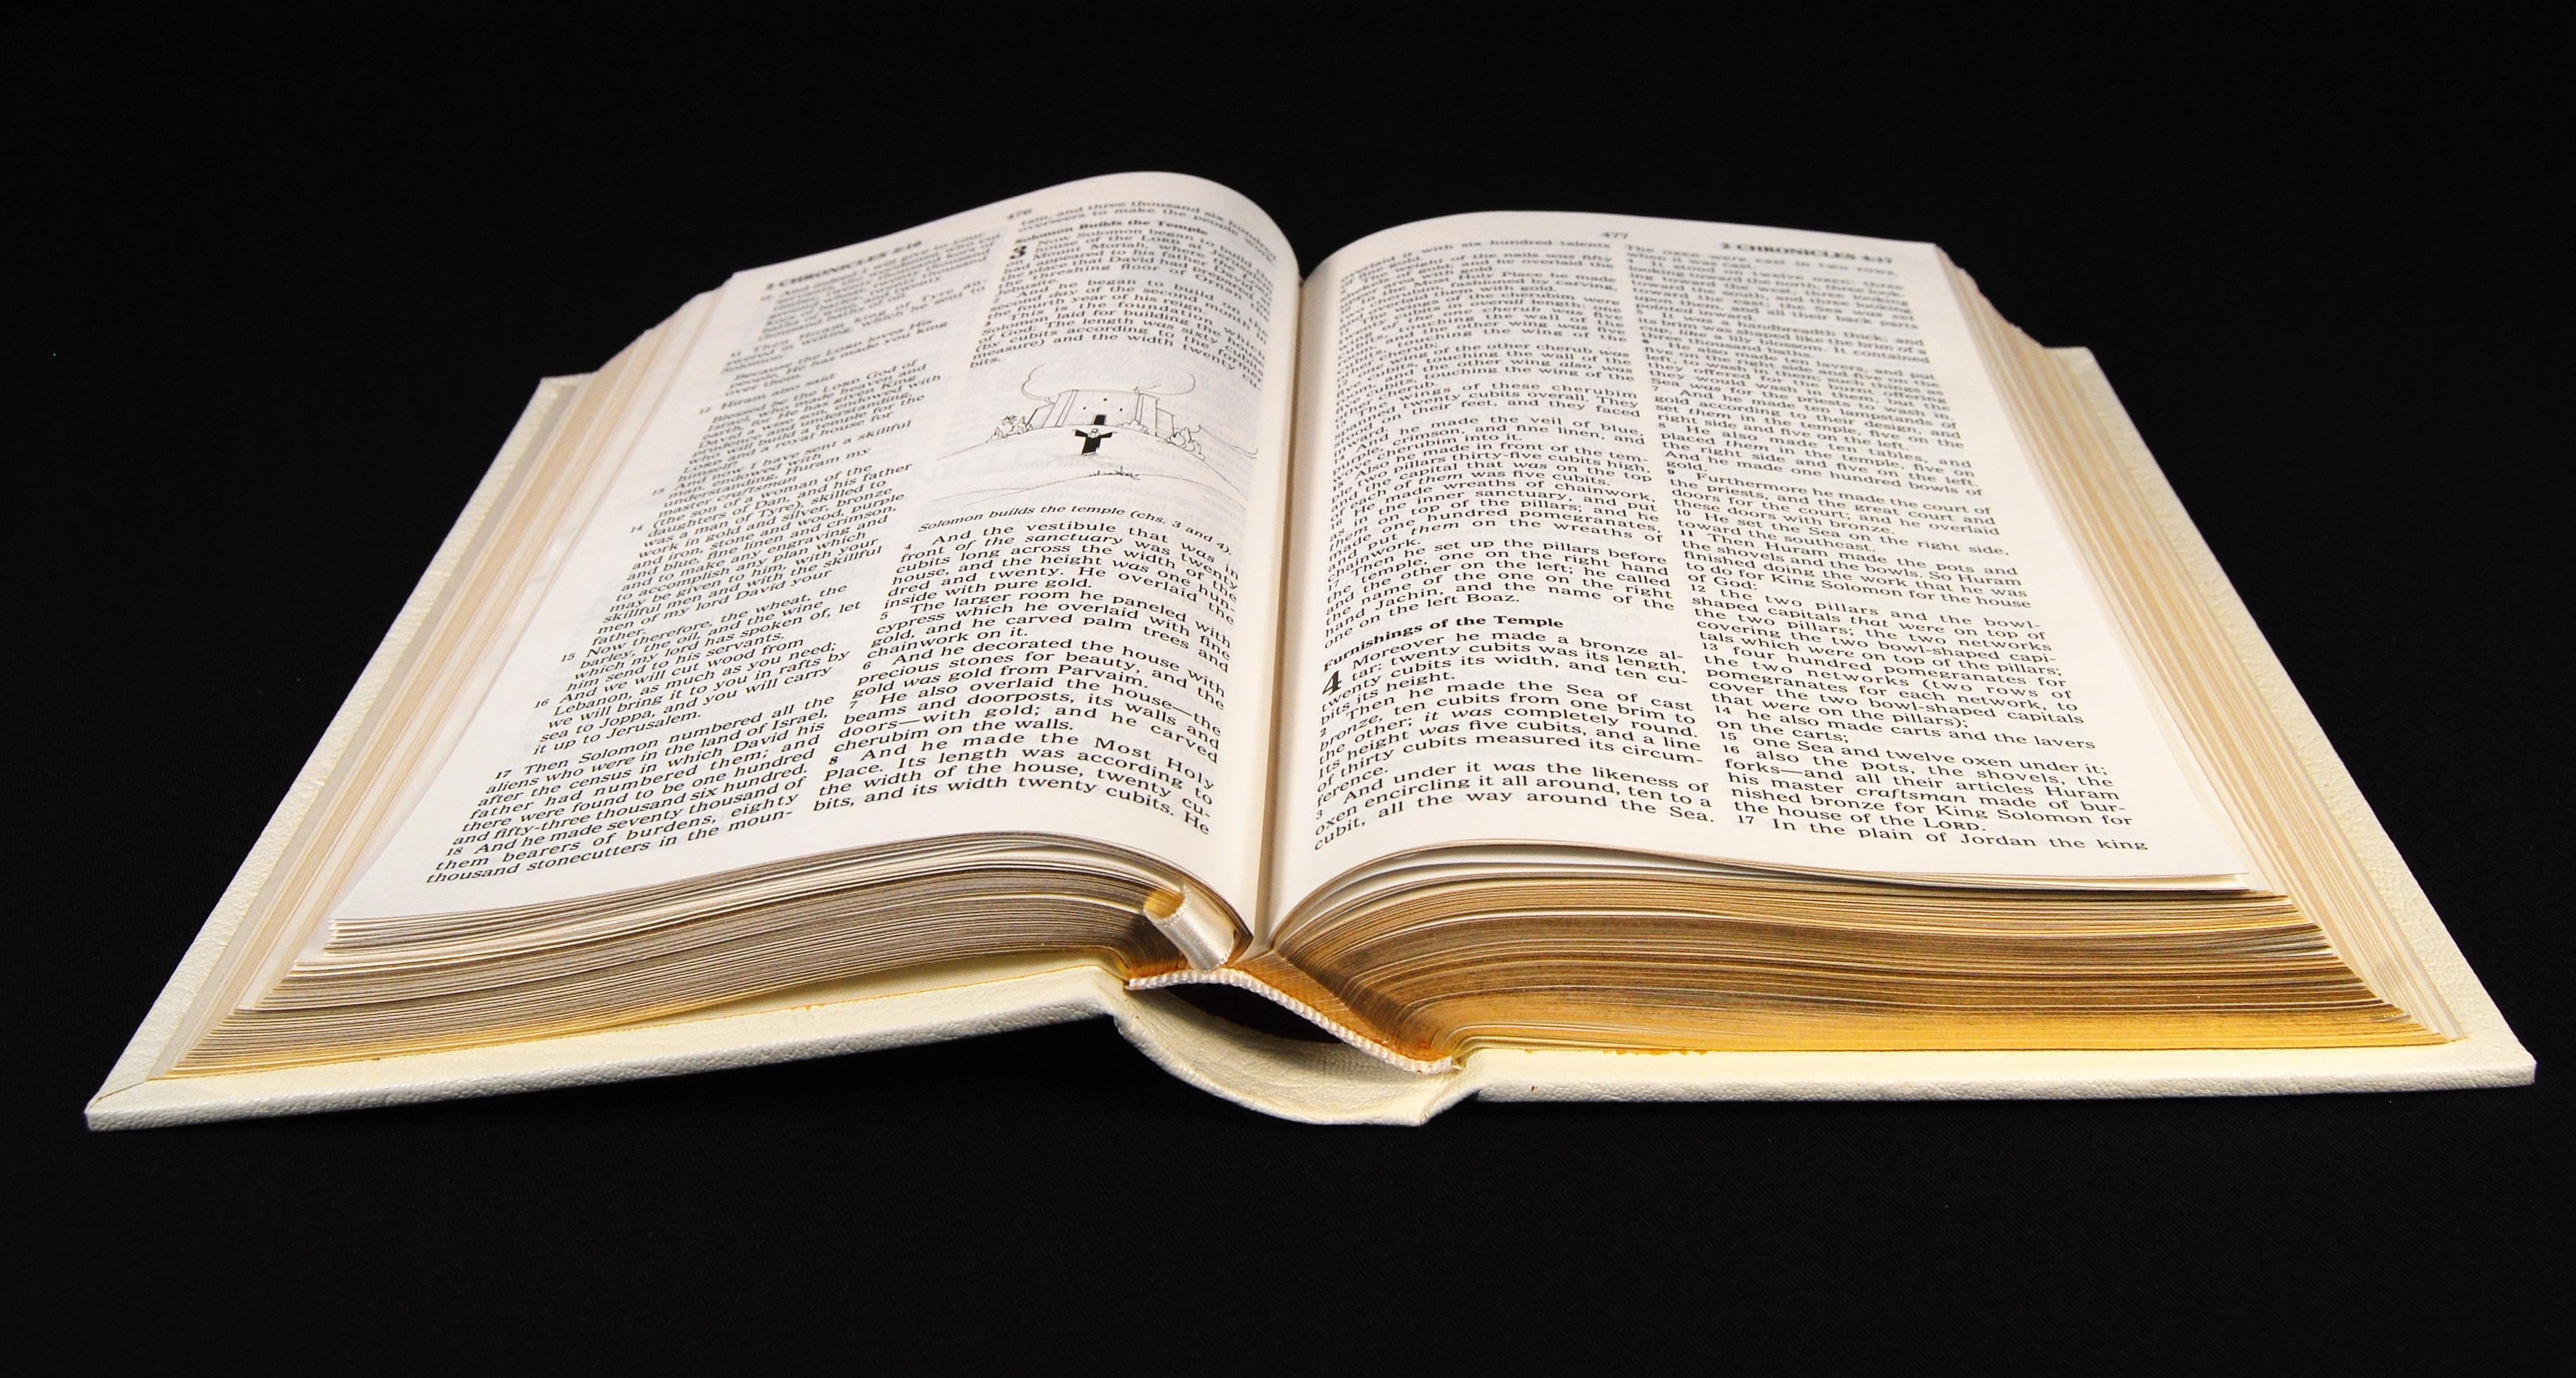 1019642 63590745 - Být křesťanem není slabost